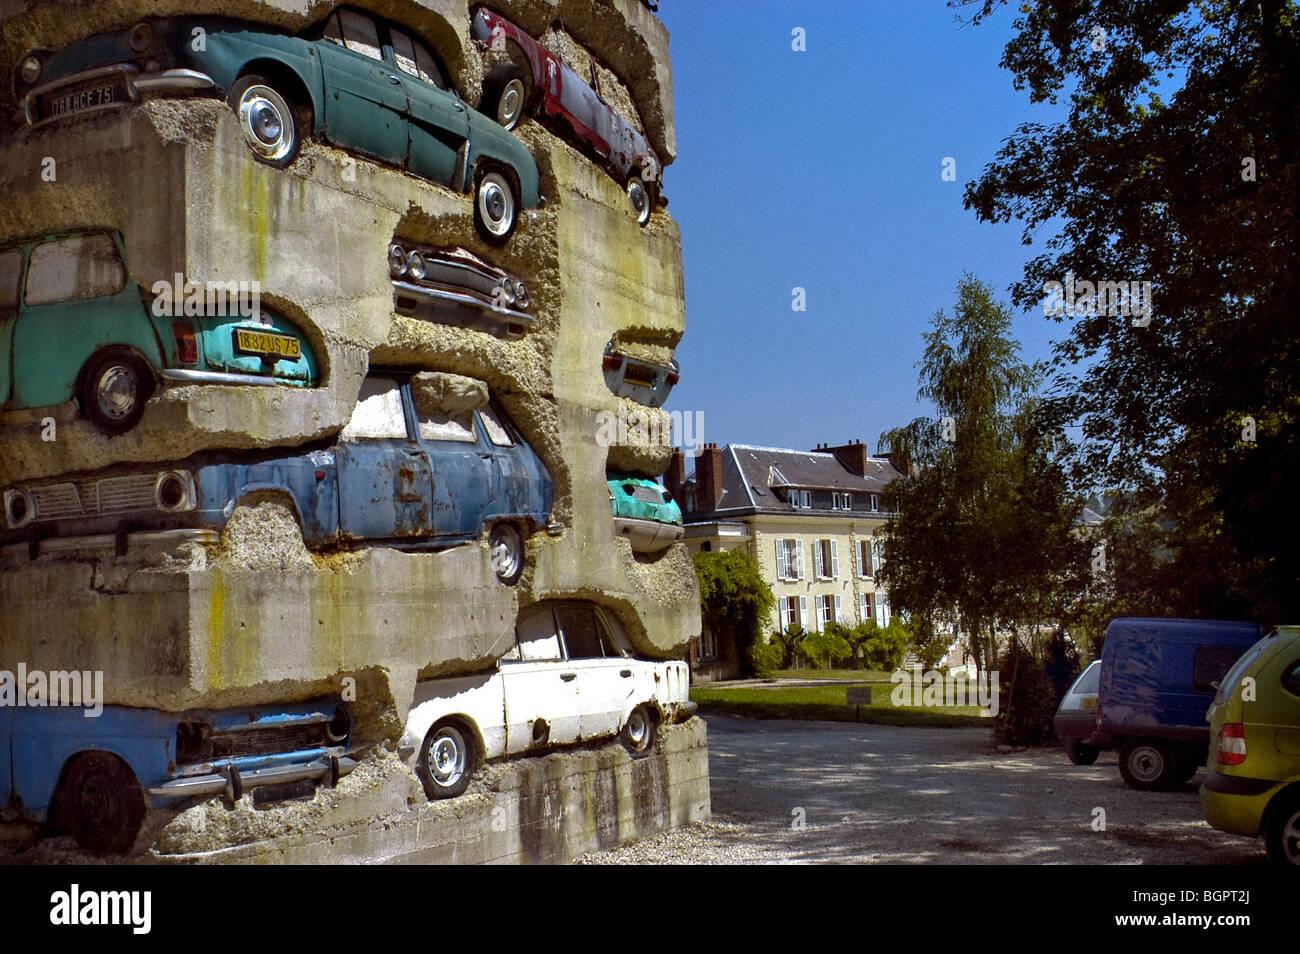 """PARIS, France - Public Sculpture """"Long Term Parking"""" (Artist Cre-dit: Arman,1982, & Domaine du Montcel), Stock Photo"""